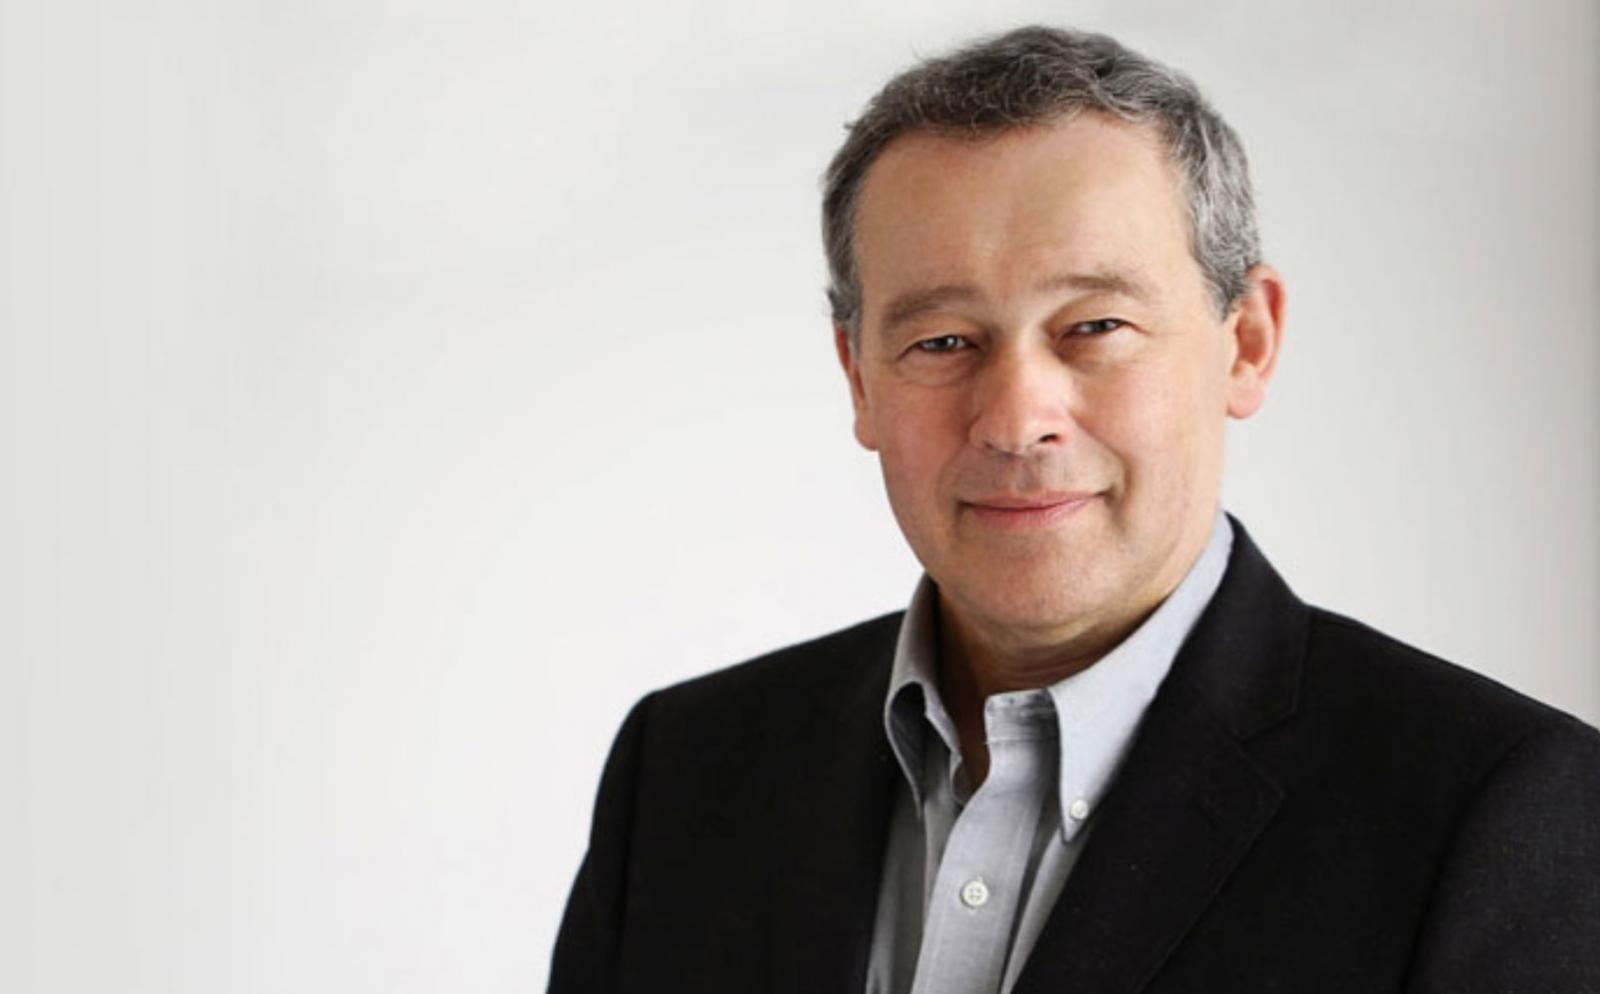 Peter Rawlinson har tidigare jobbat på bland annat Tesla och Jaguar. I dag är han vd för Lucid Motors.